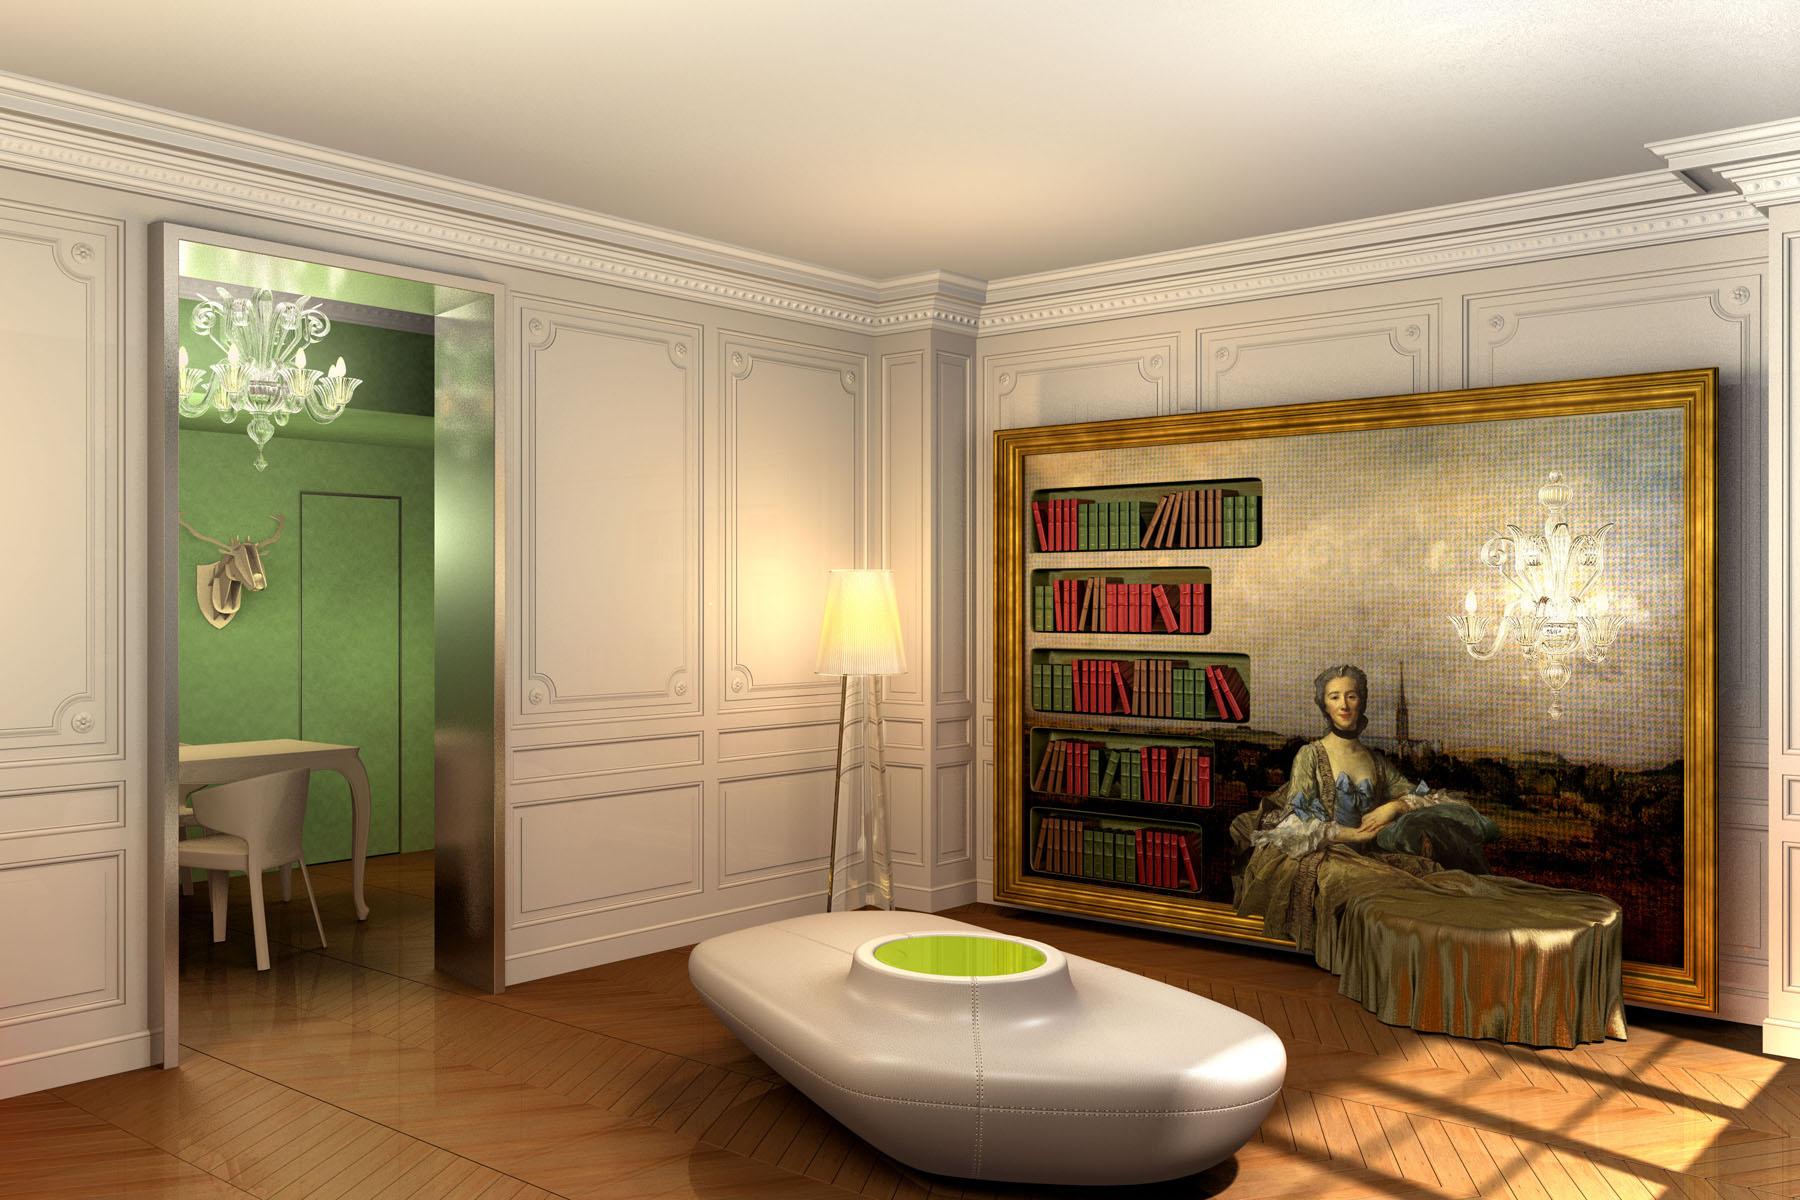 Visite exclusive de la résidence Nell, une maison d'hôtes d'exception à Paris